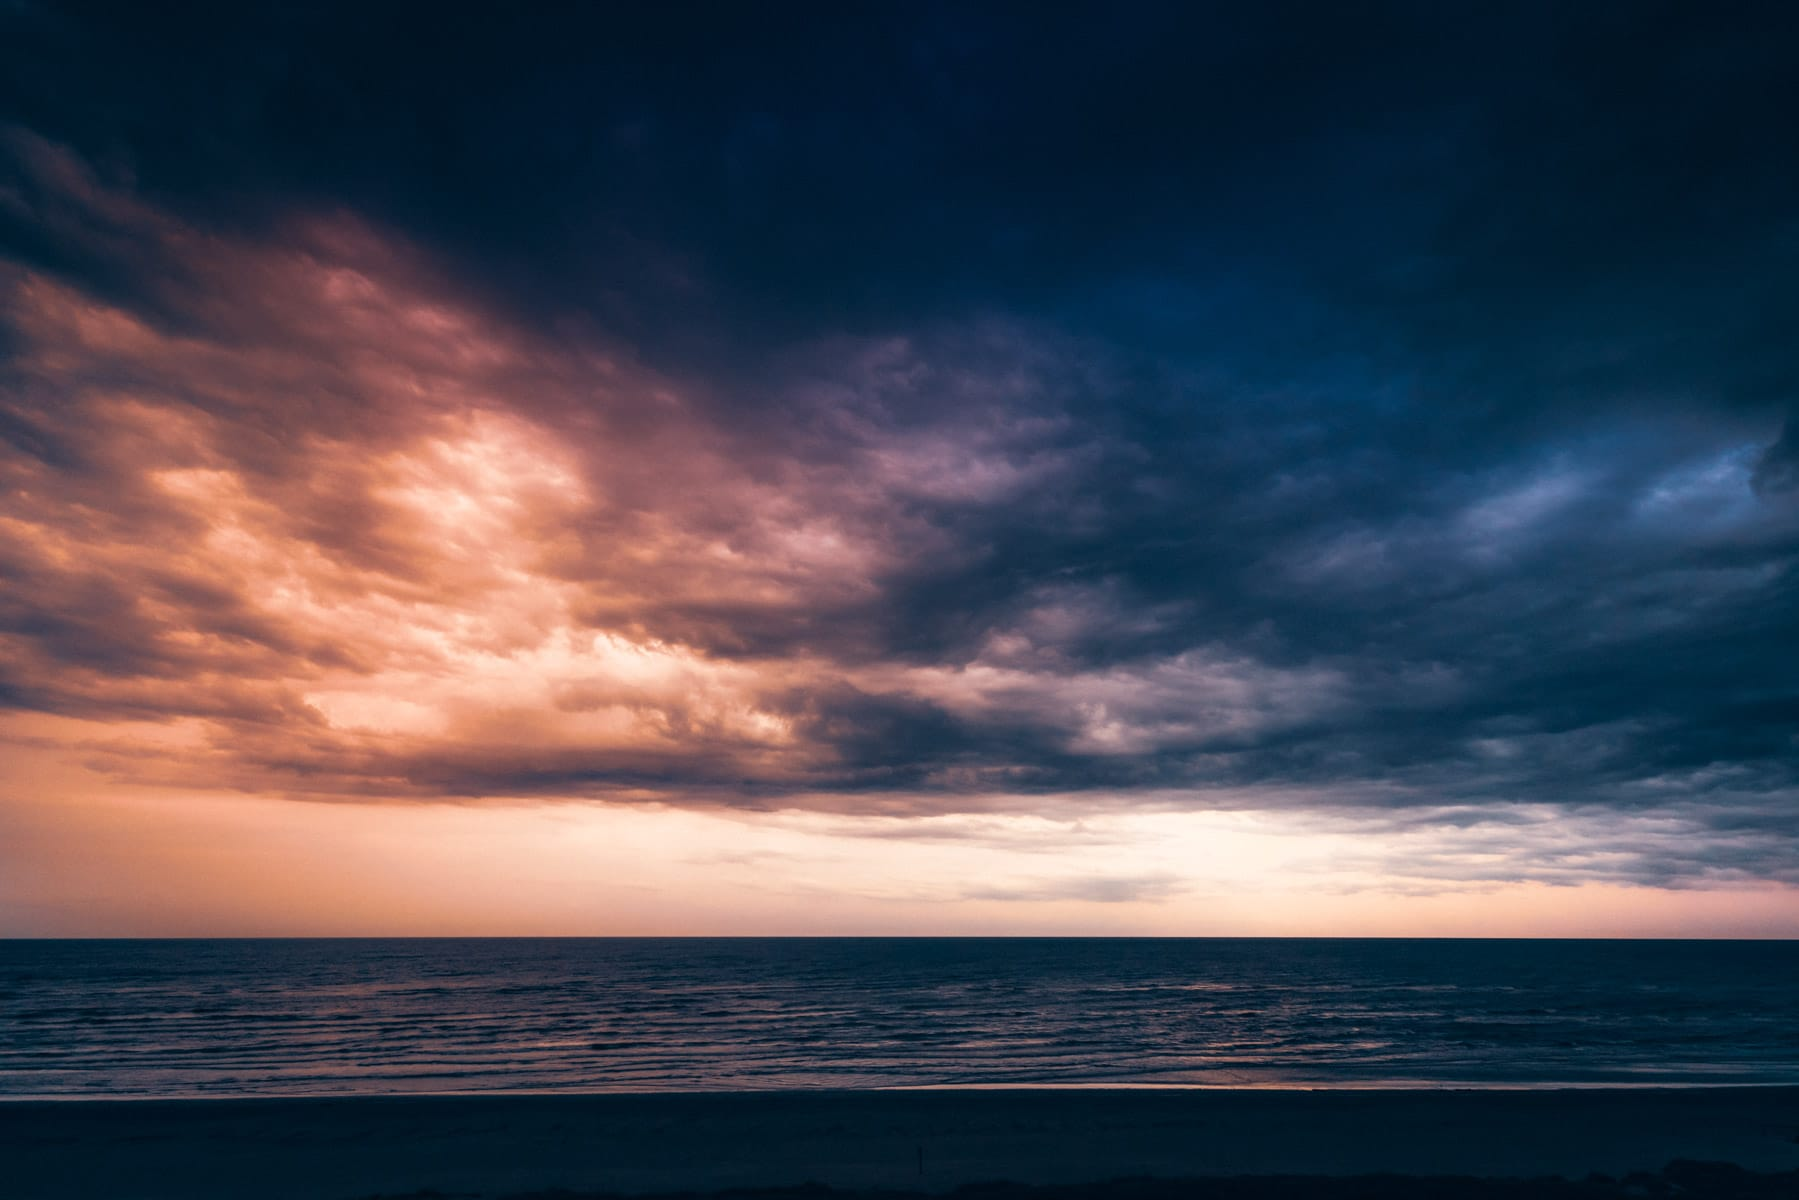 The sun rises over the Gulf of Mexico along the Galveston, Texas, beeach.